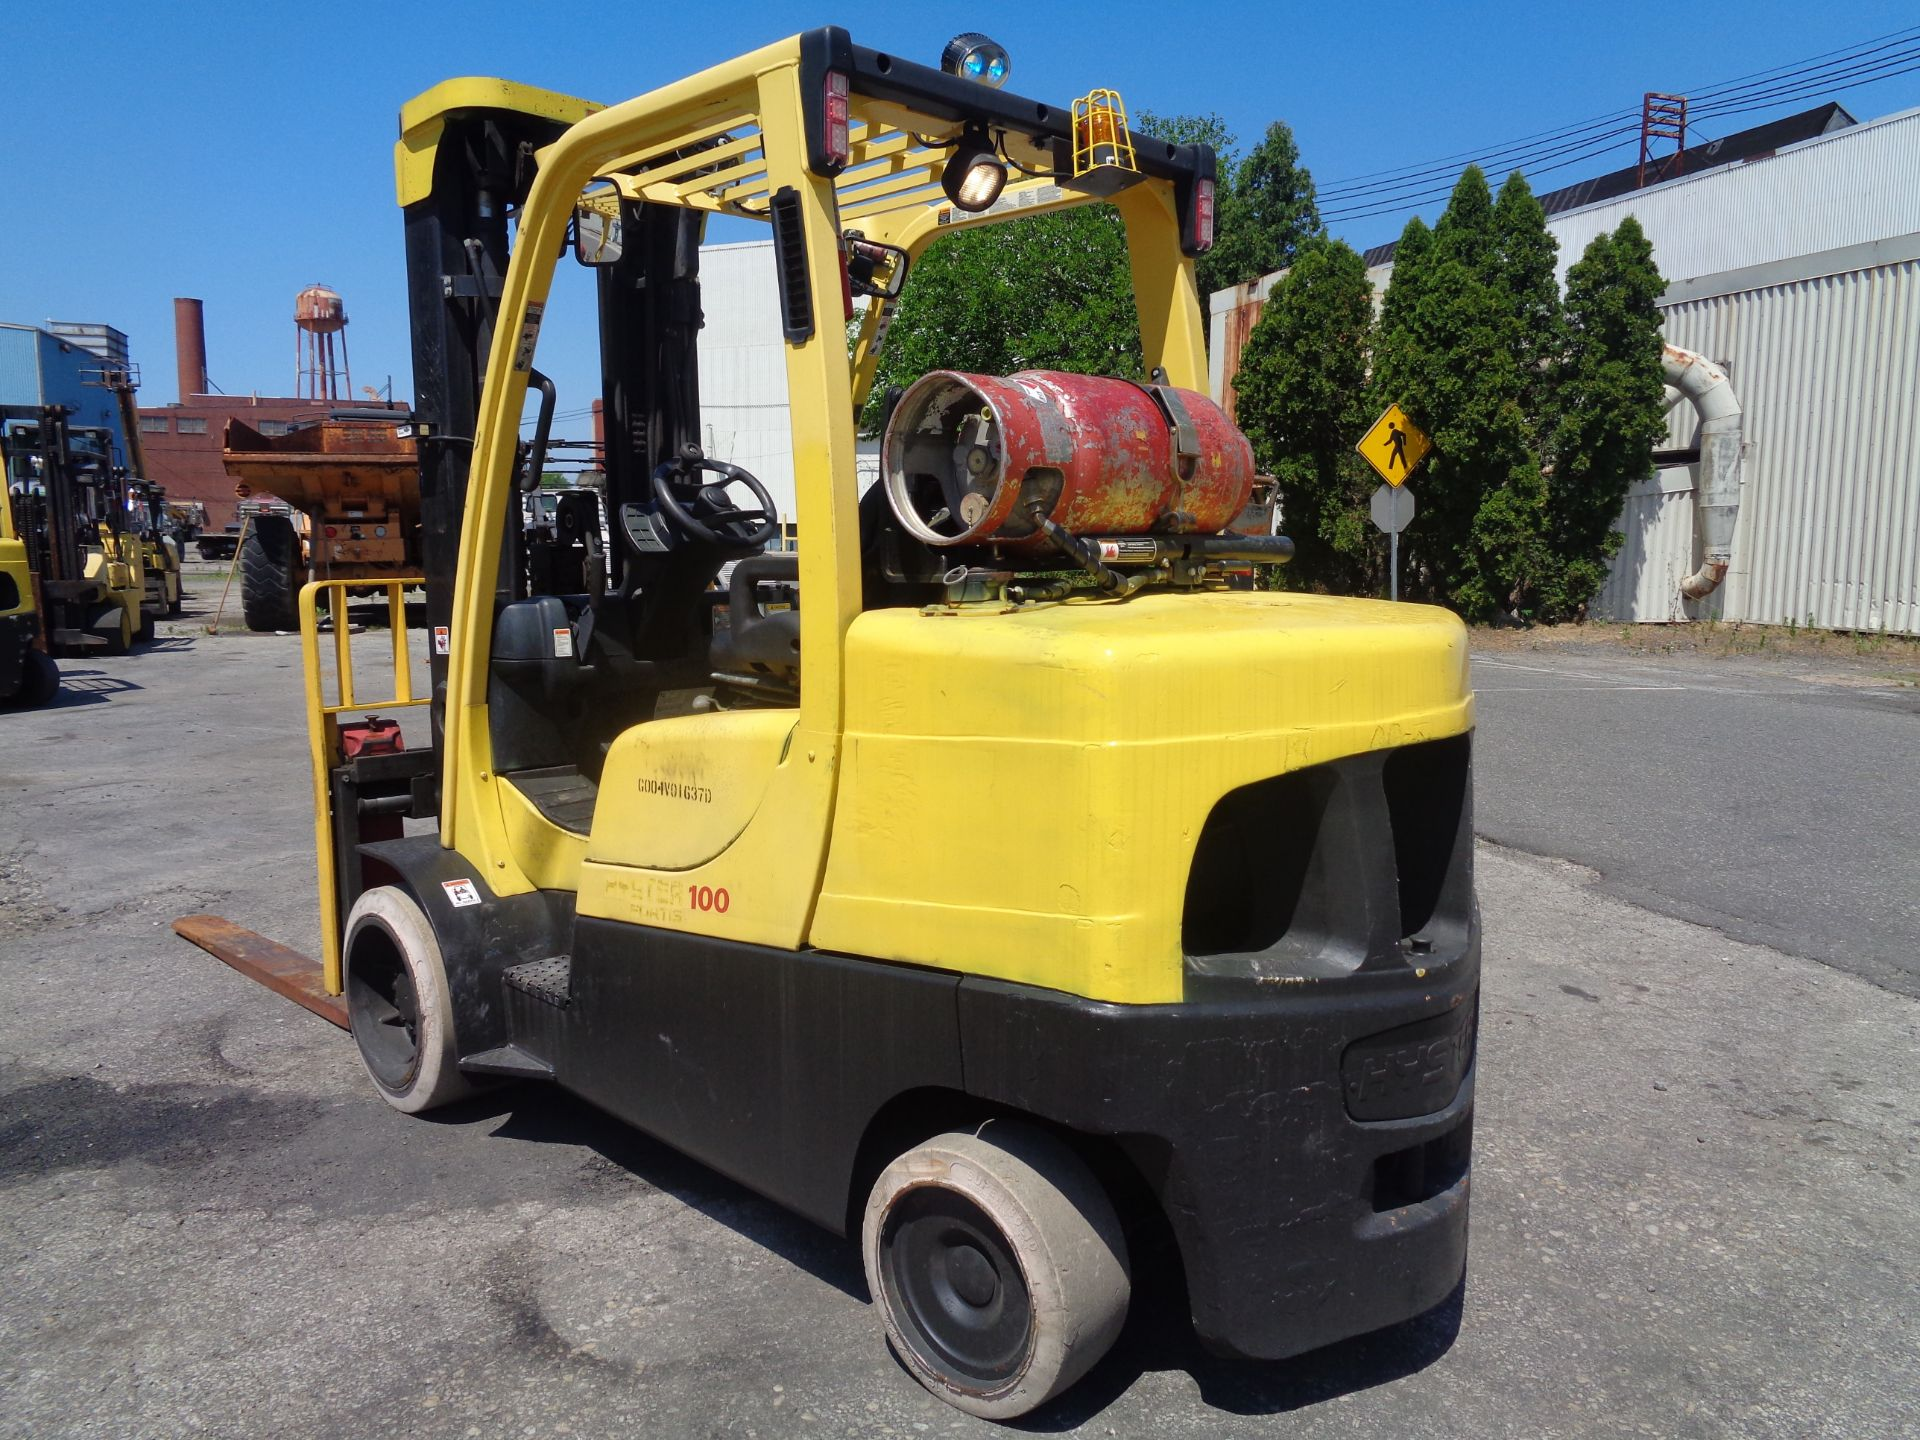 Hyster S100FT 10,000lb Forklift - Image 3 of 17